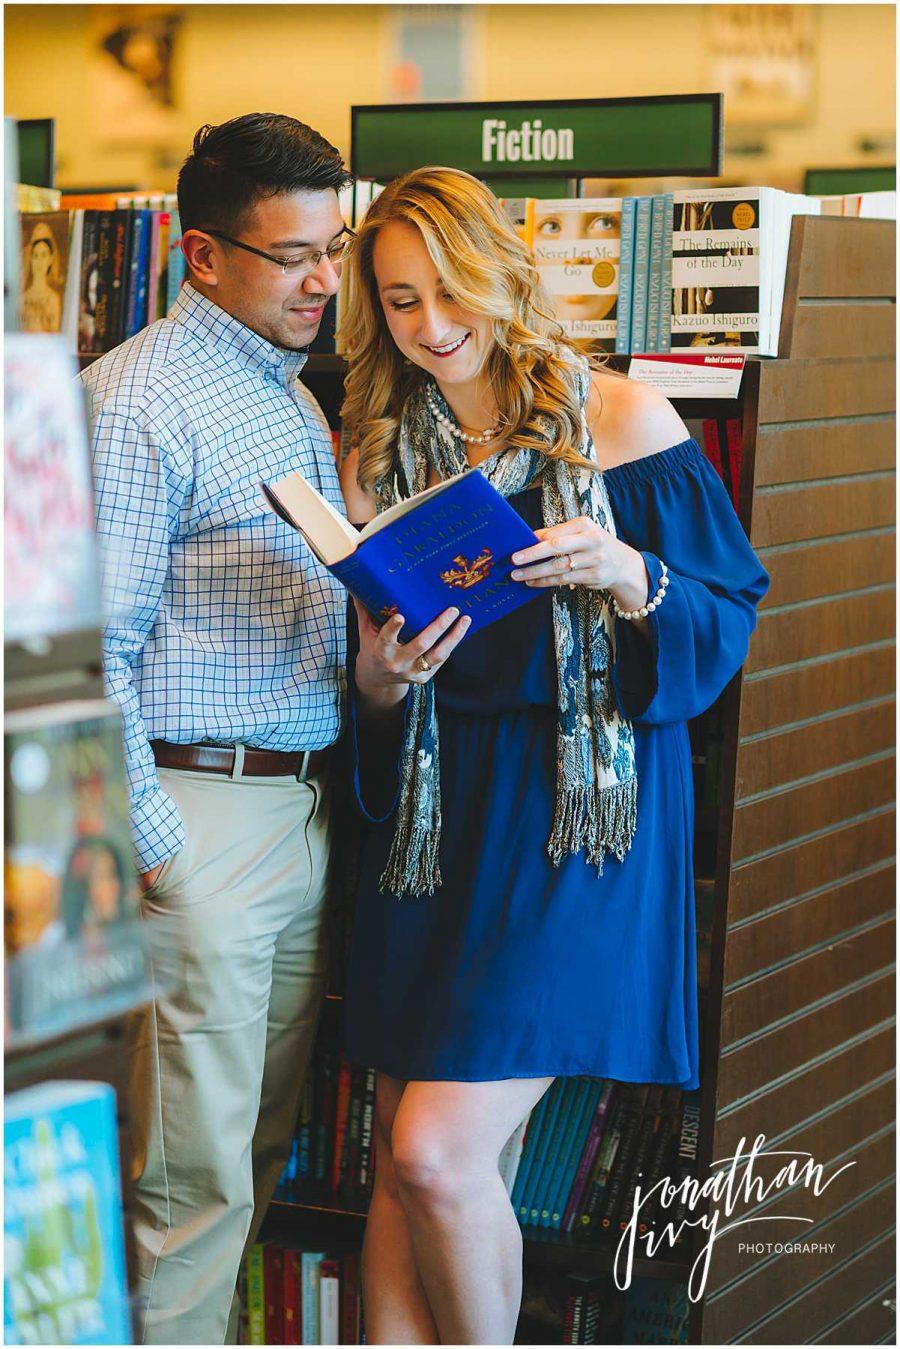 Barnes & Noble Engagement Photos